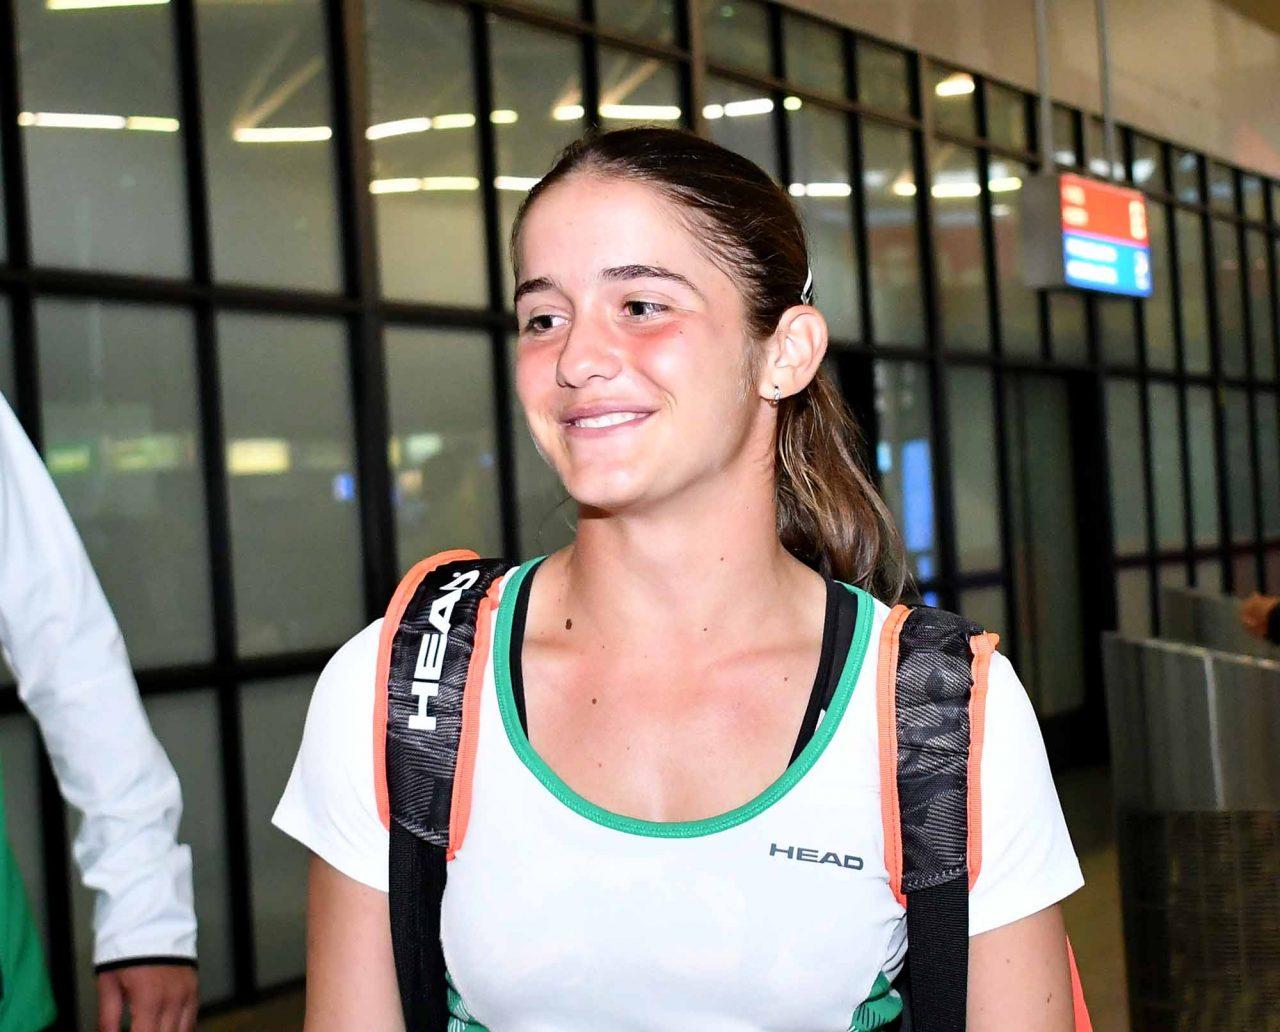 Катерина Димитрова Тенис (1)